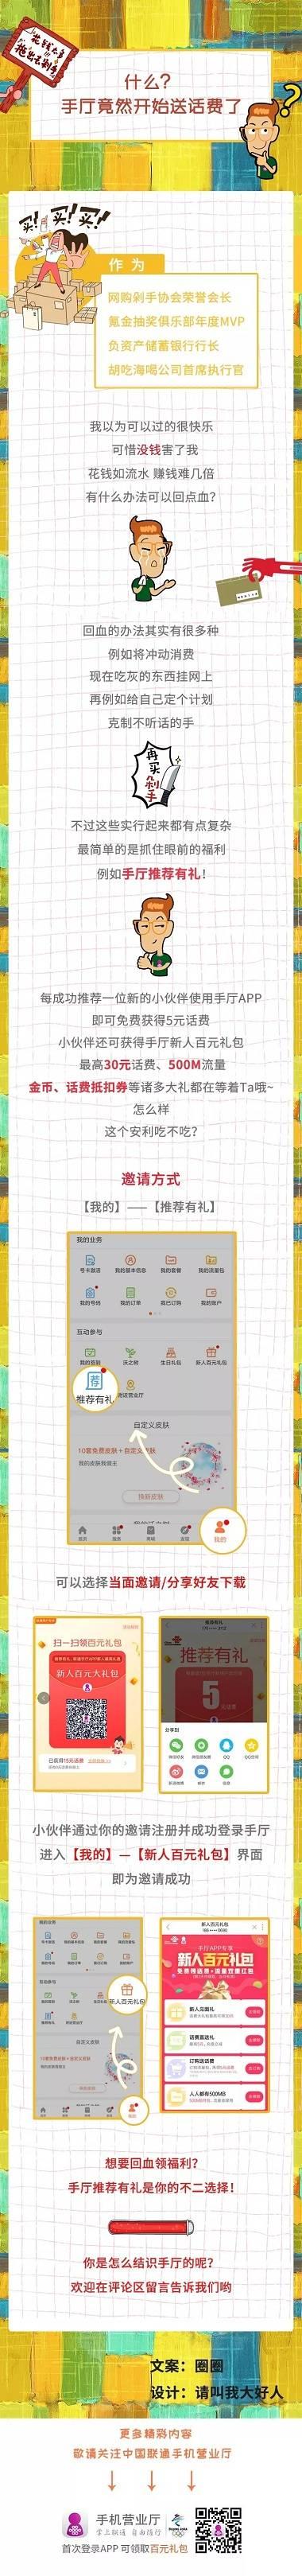 太原联通.webp.jpg